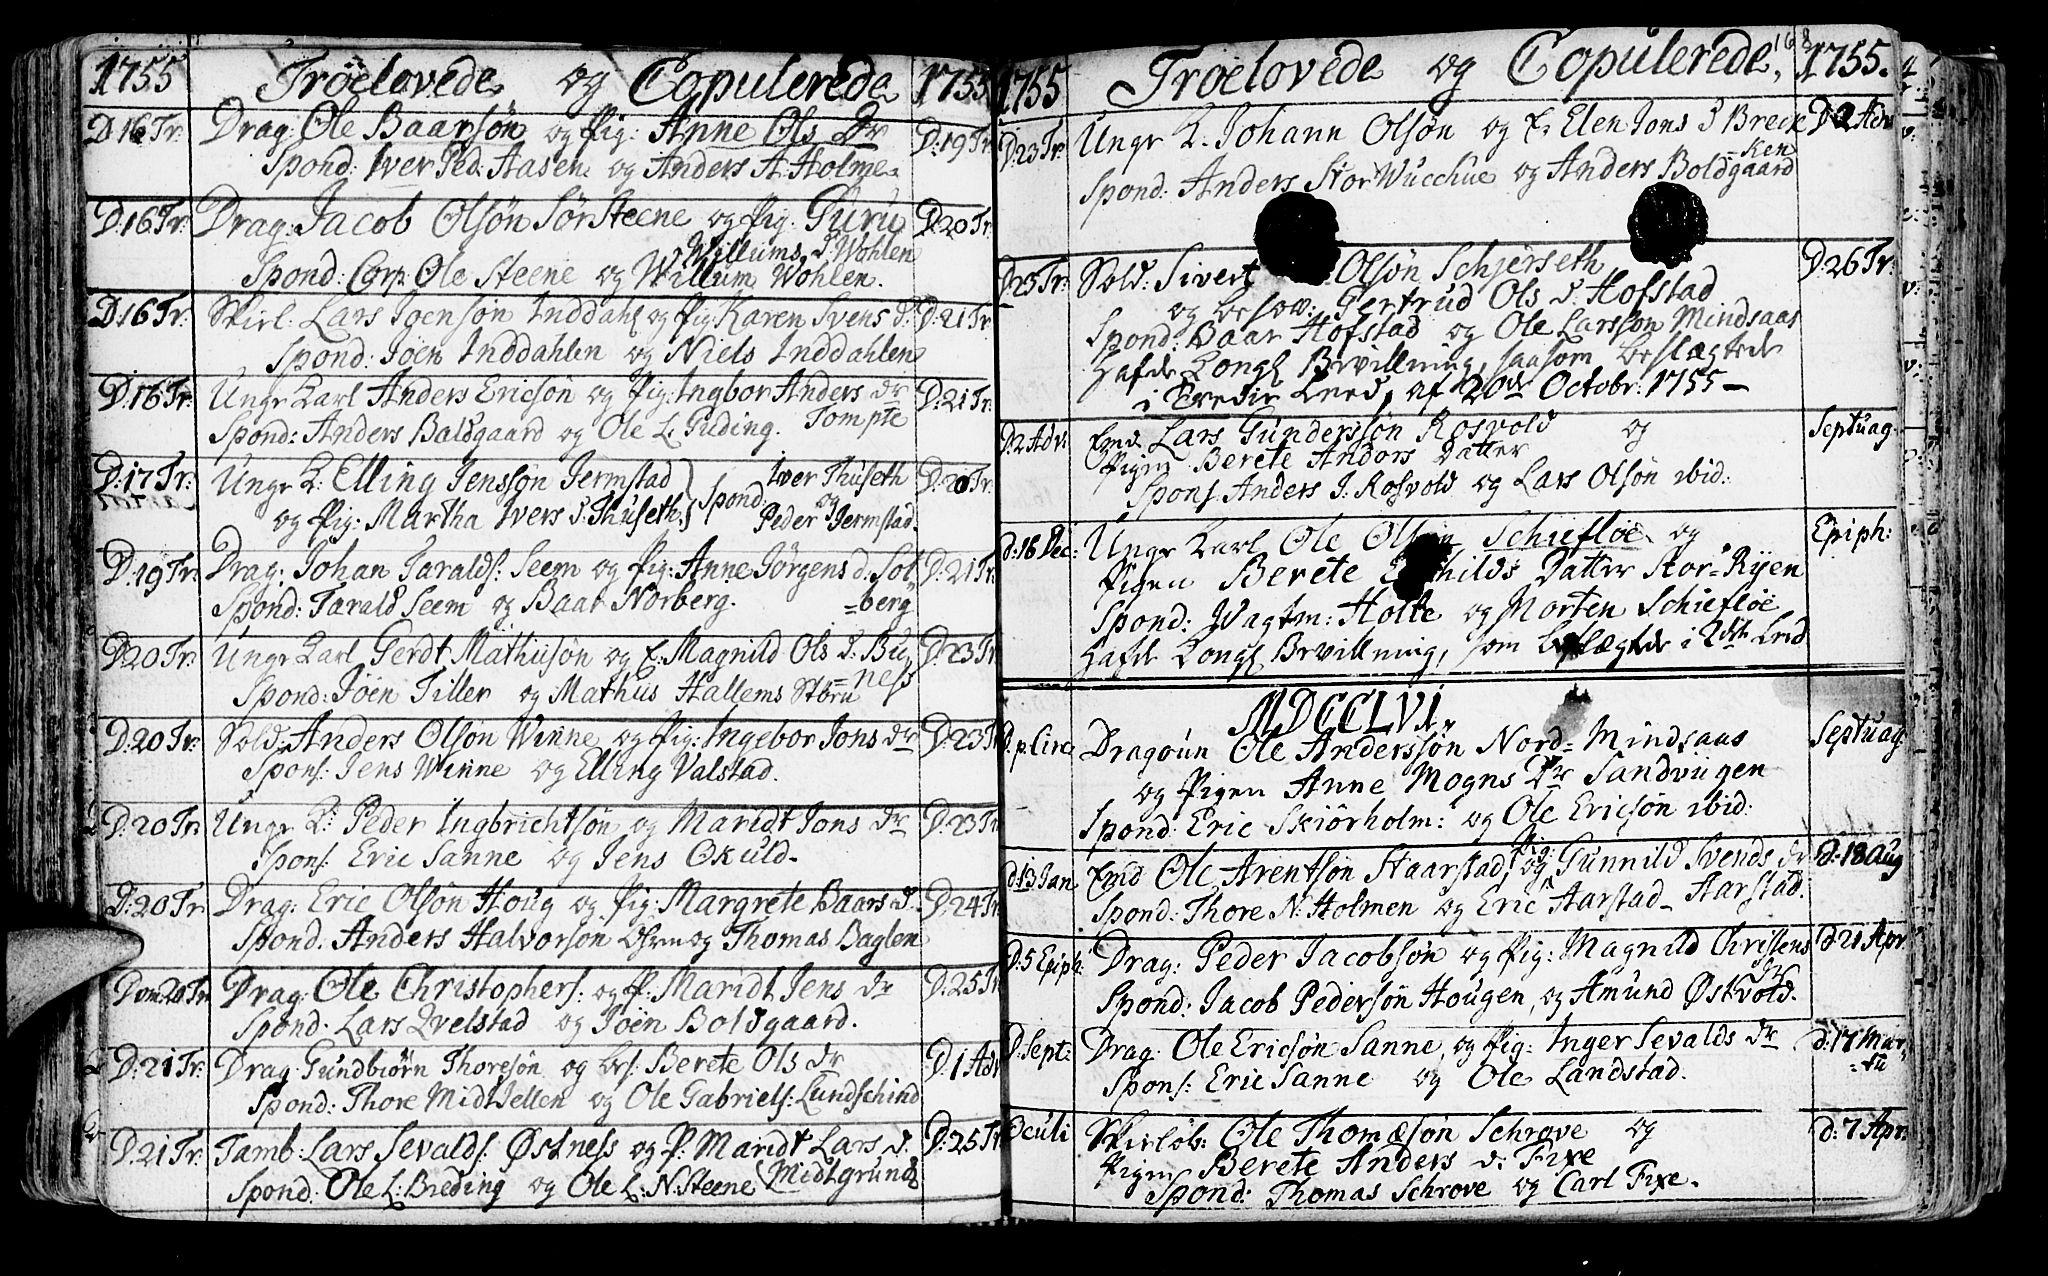 SAT, Ministerialprotokoller, klokkerbøker og fødselsregistre - Nord-Trøndelag, 723/L0231: Ministerialbok nr. 723A02, 1748-1780, s. 168